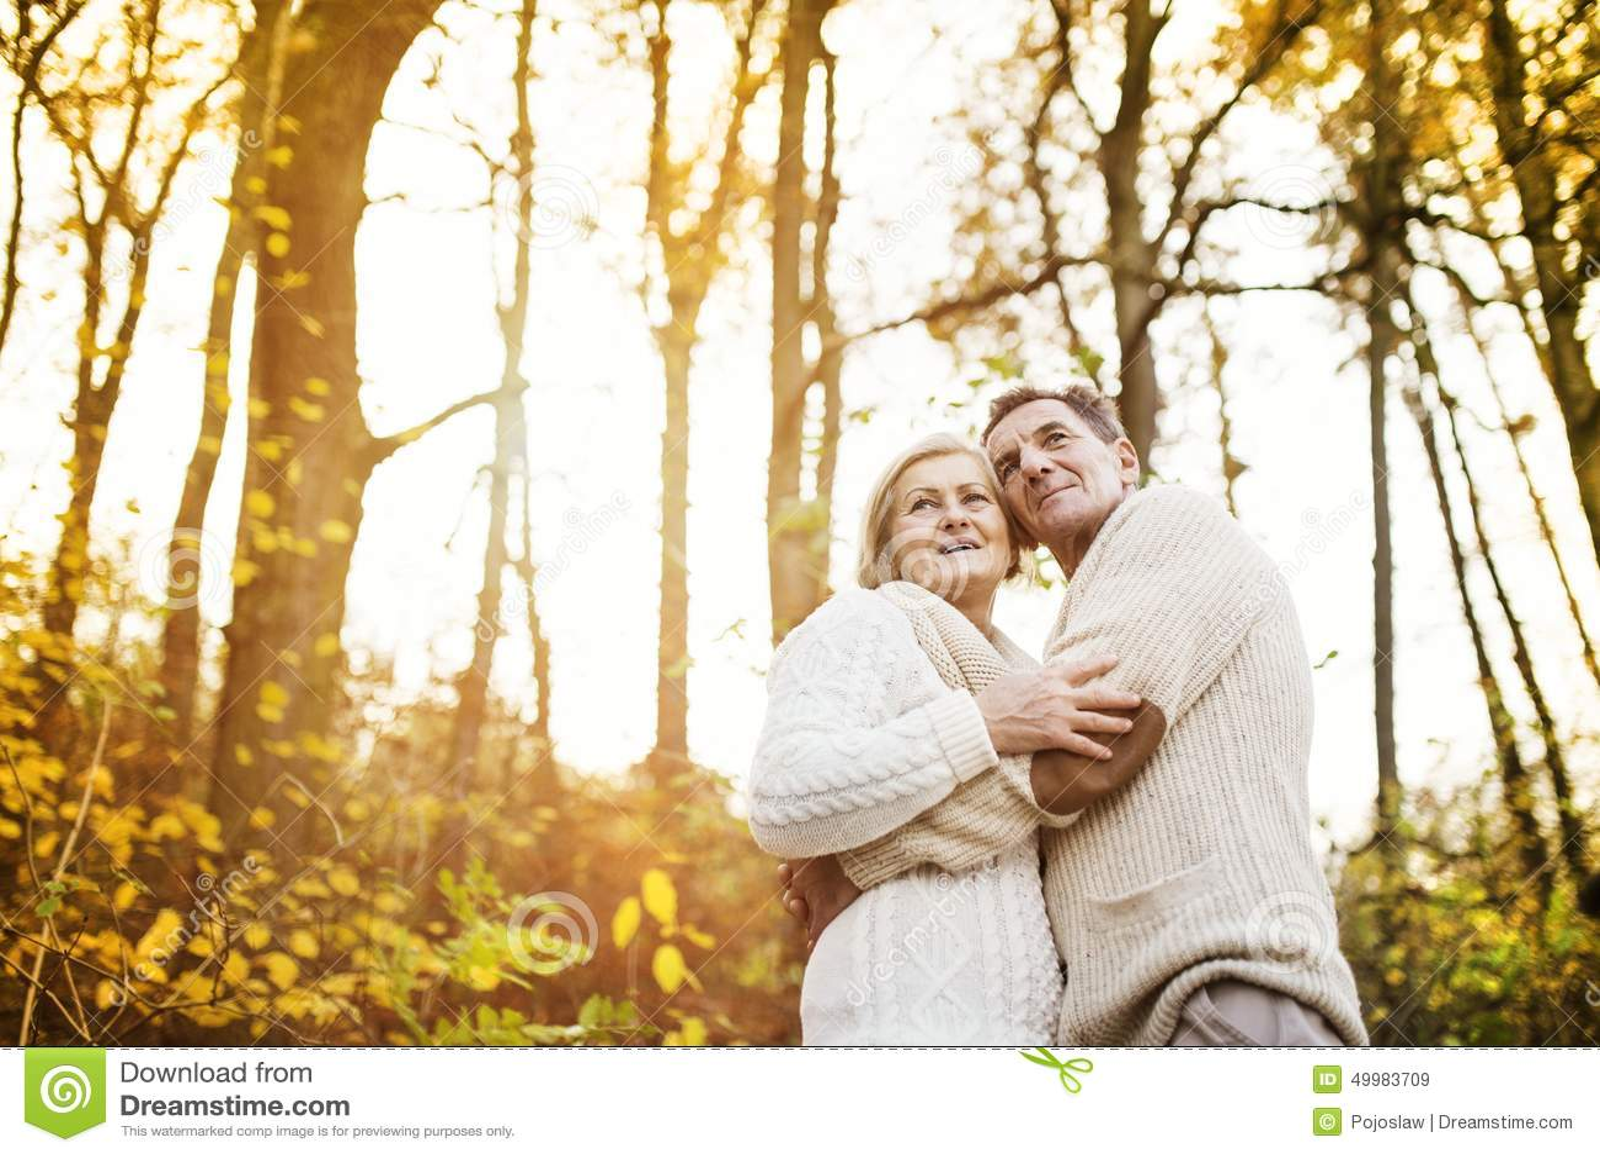 Aktywni seniory bierze spacer w naturze